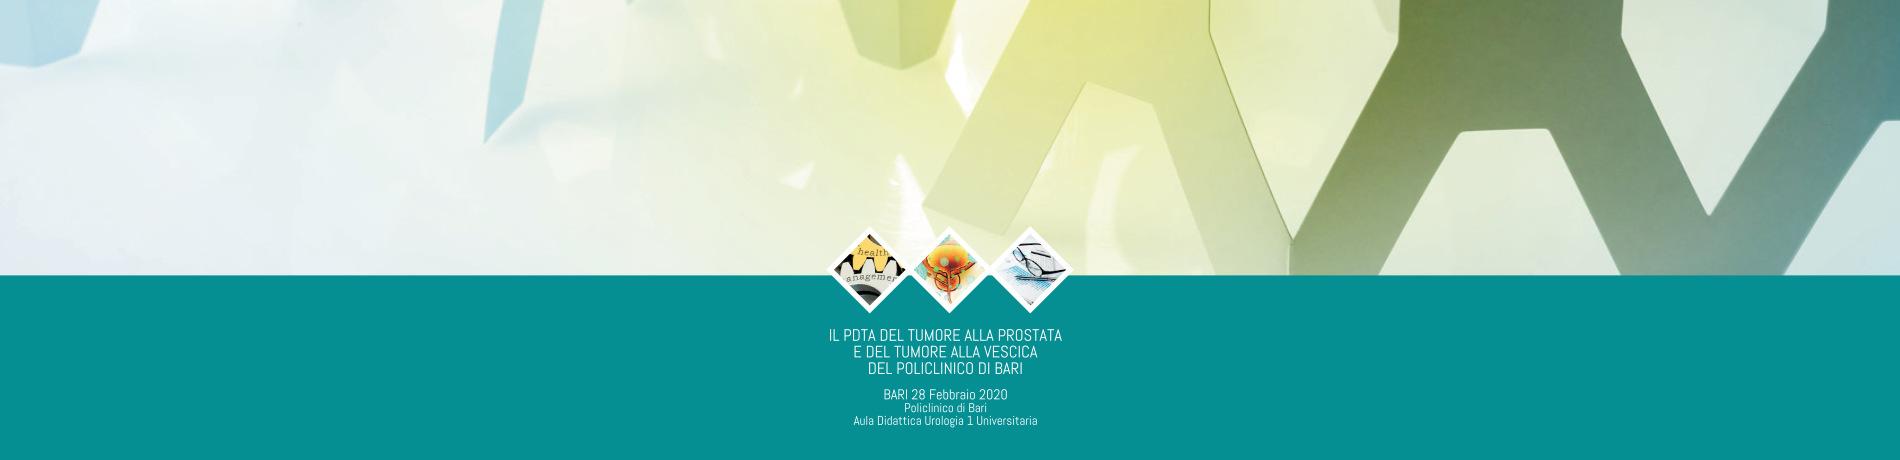 https://www.formedica.it/wp/wp-content/uploads/2020/02/2020_02_28-Il-PDTA-del-tumore-alla-prostata.jpg